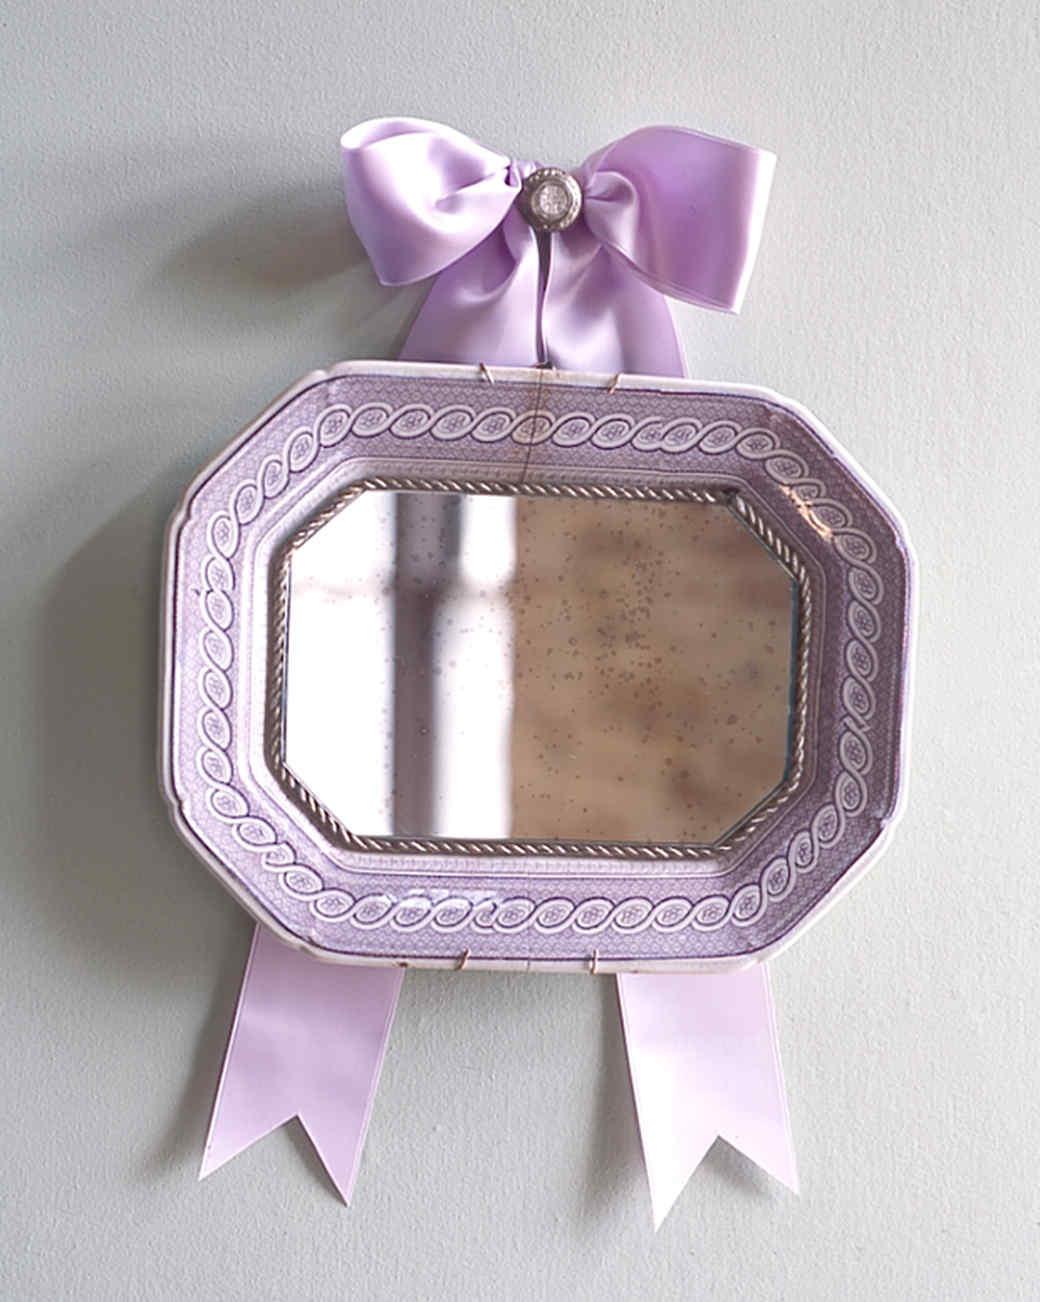 makeover-flea-market-finds-39-d98414-0915.jpg